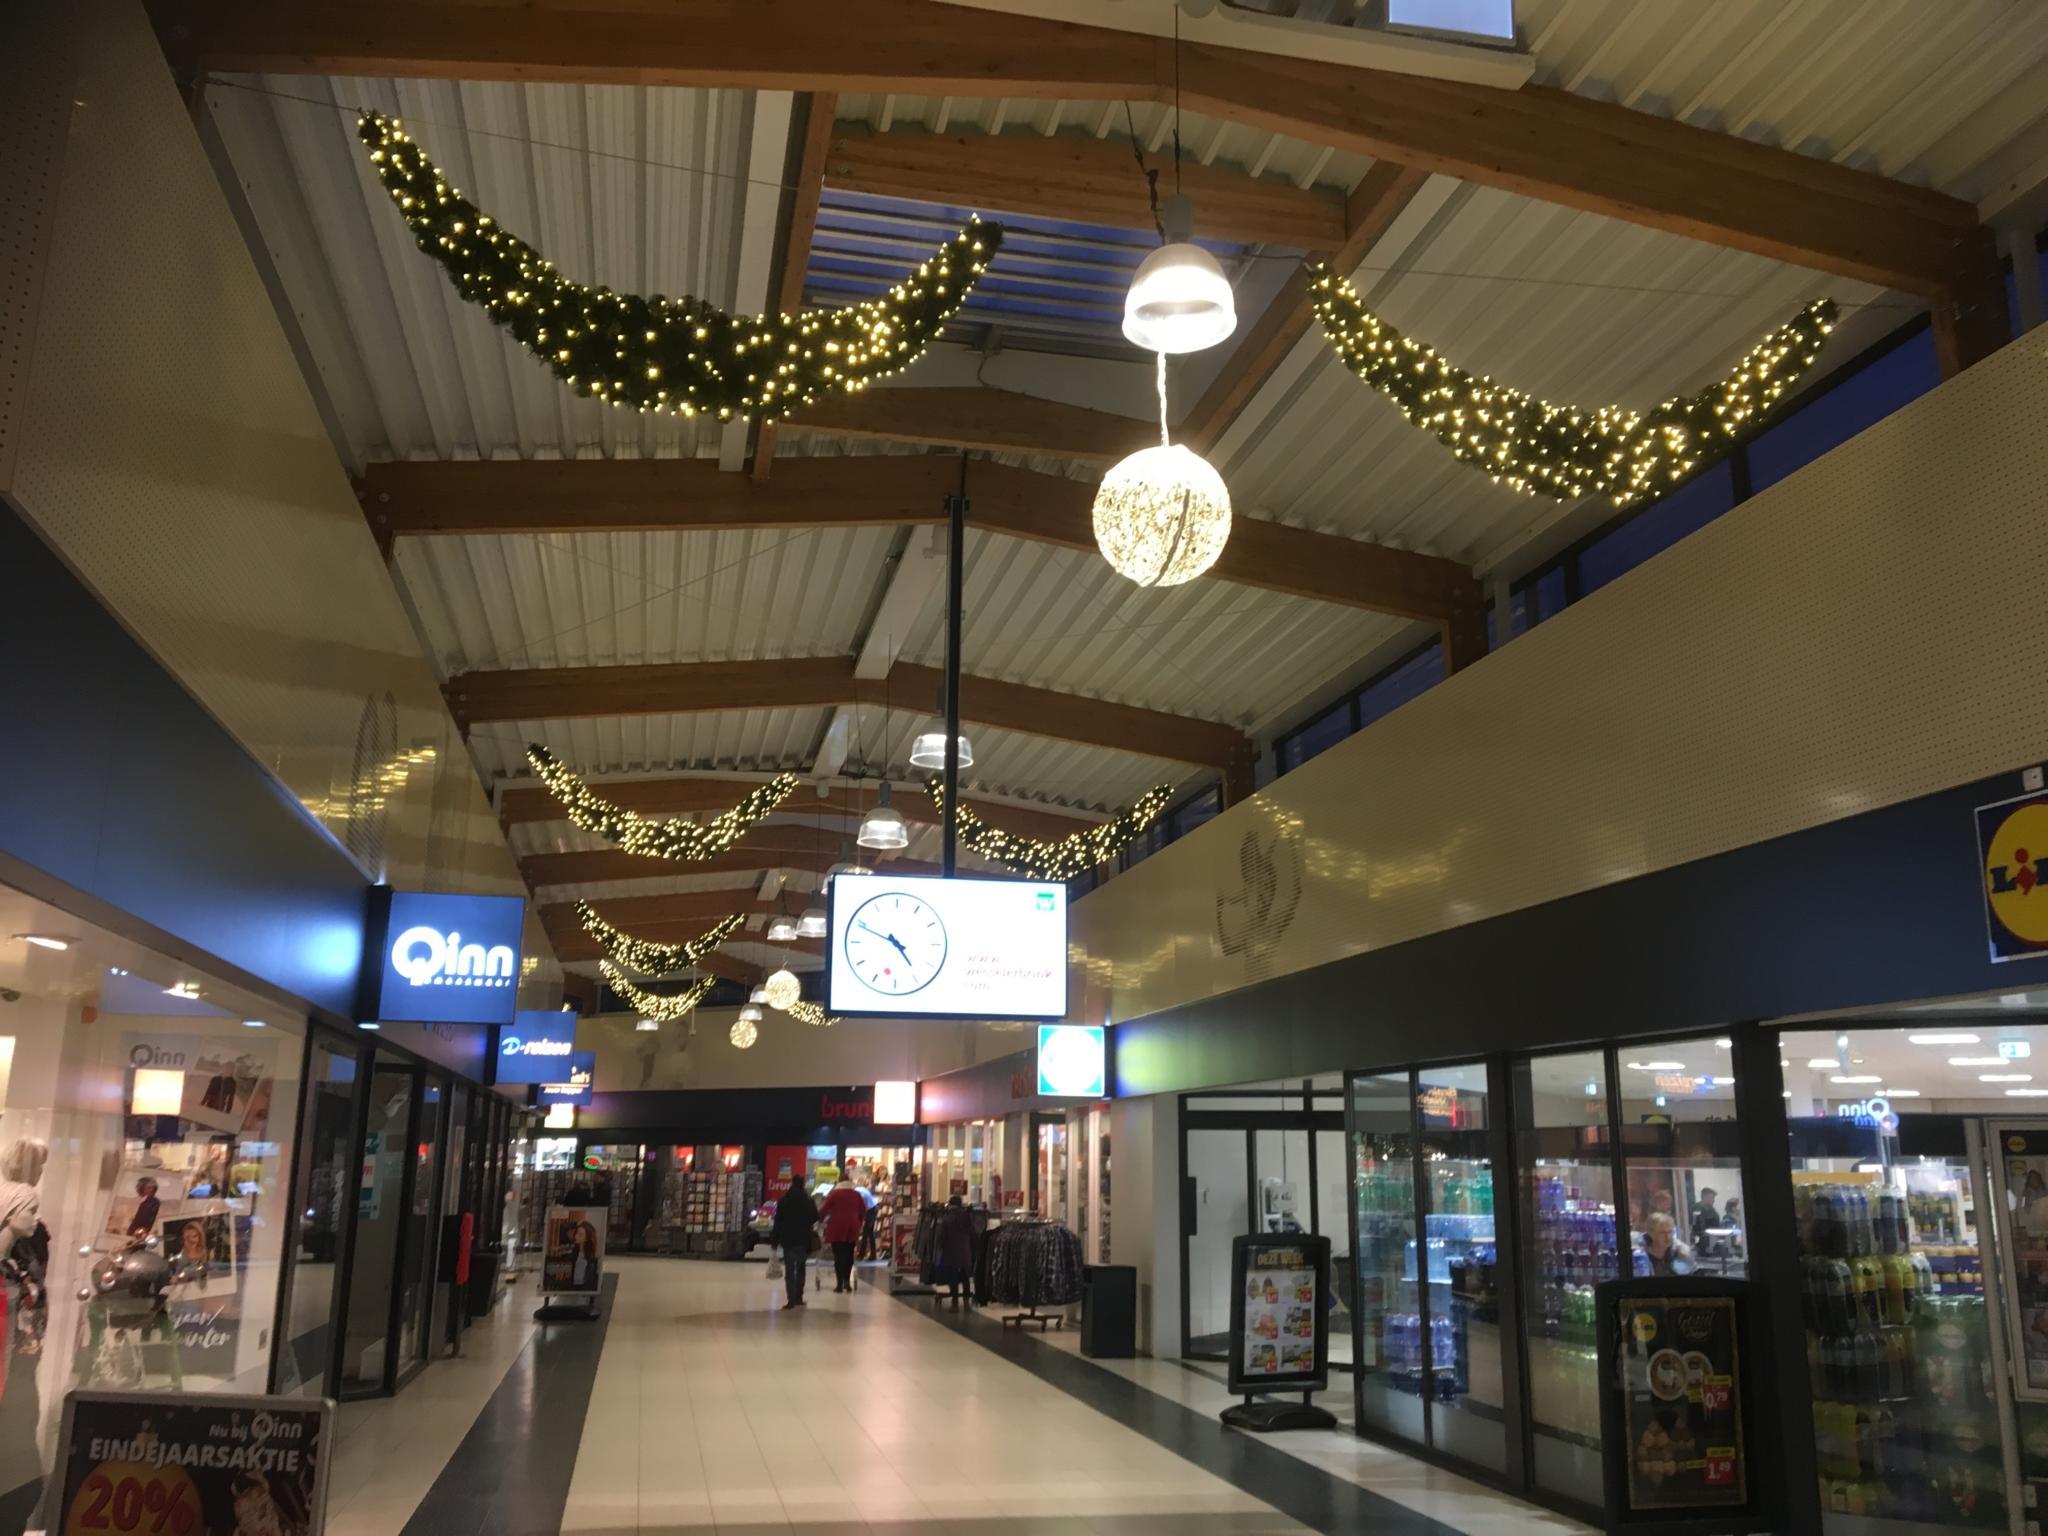 Ledwin Kerstverlichting Winkelcentra Nieuwe Feestverlichting